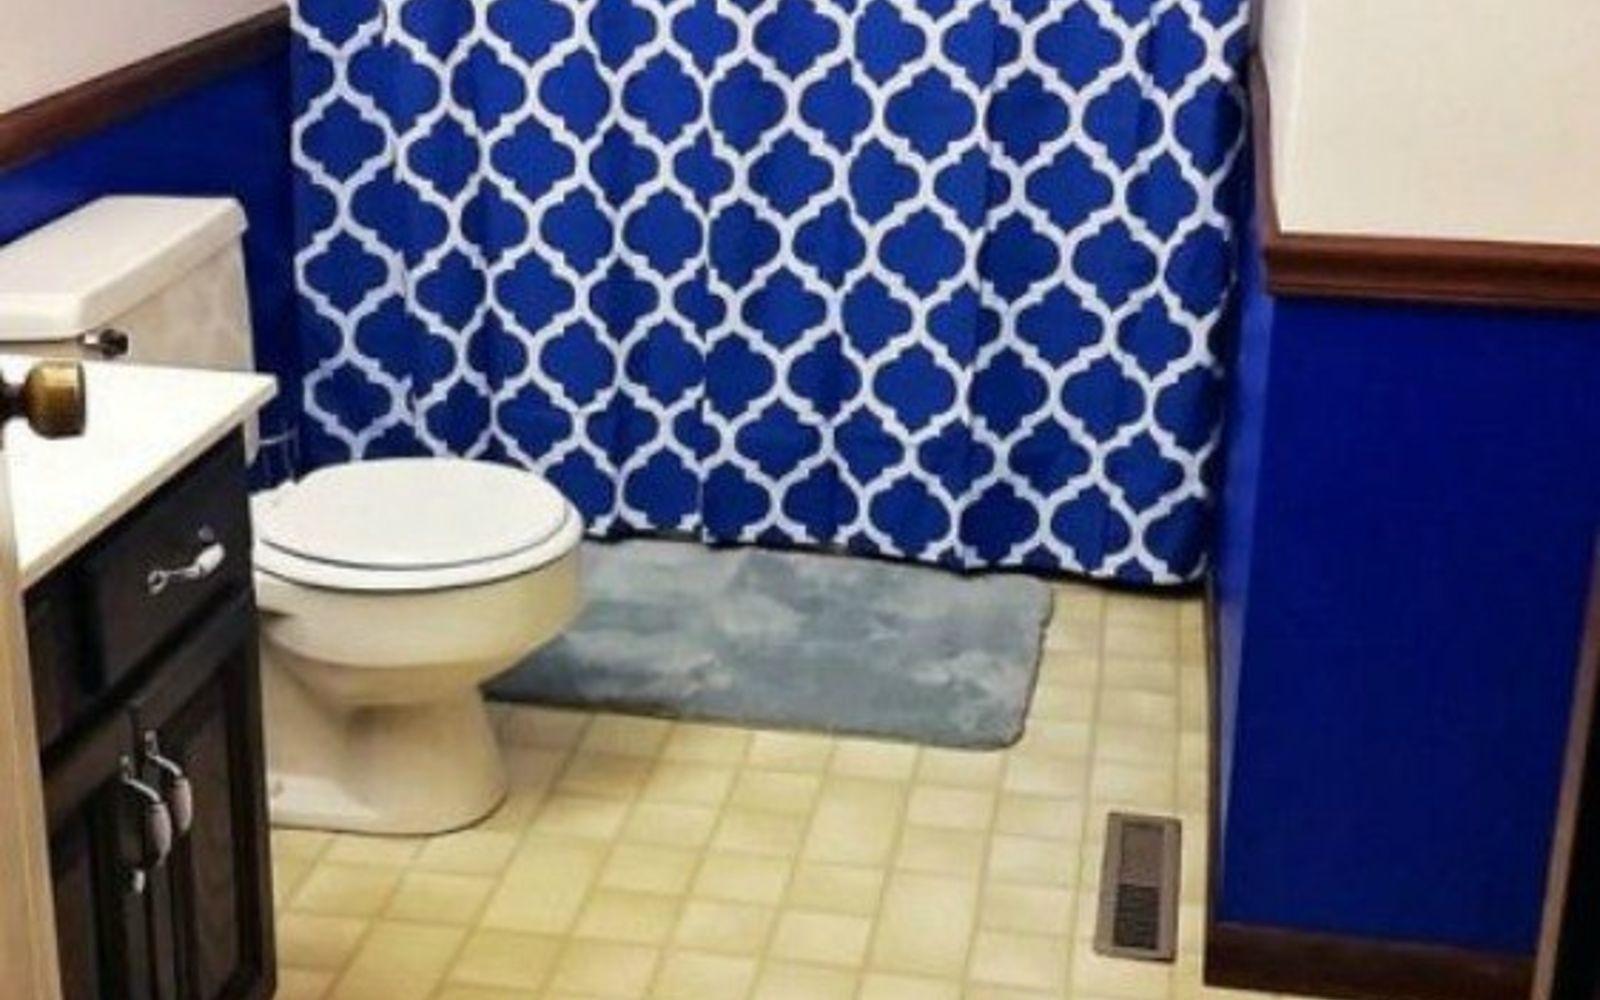 s 11 easy ways to refresh your old bathtub, bathroom ideas, Add a cool shower curtain